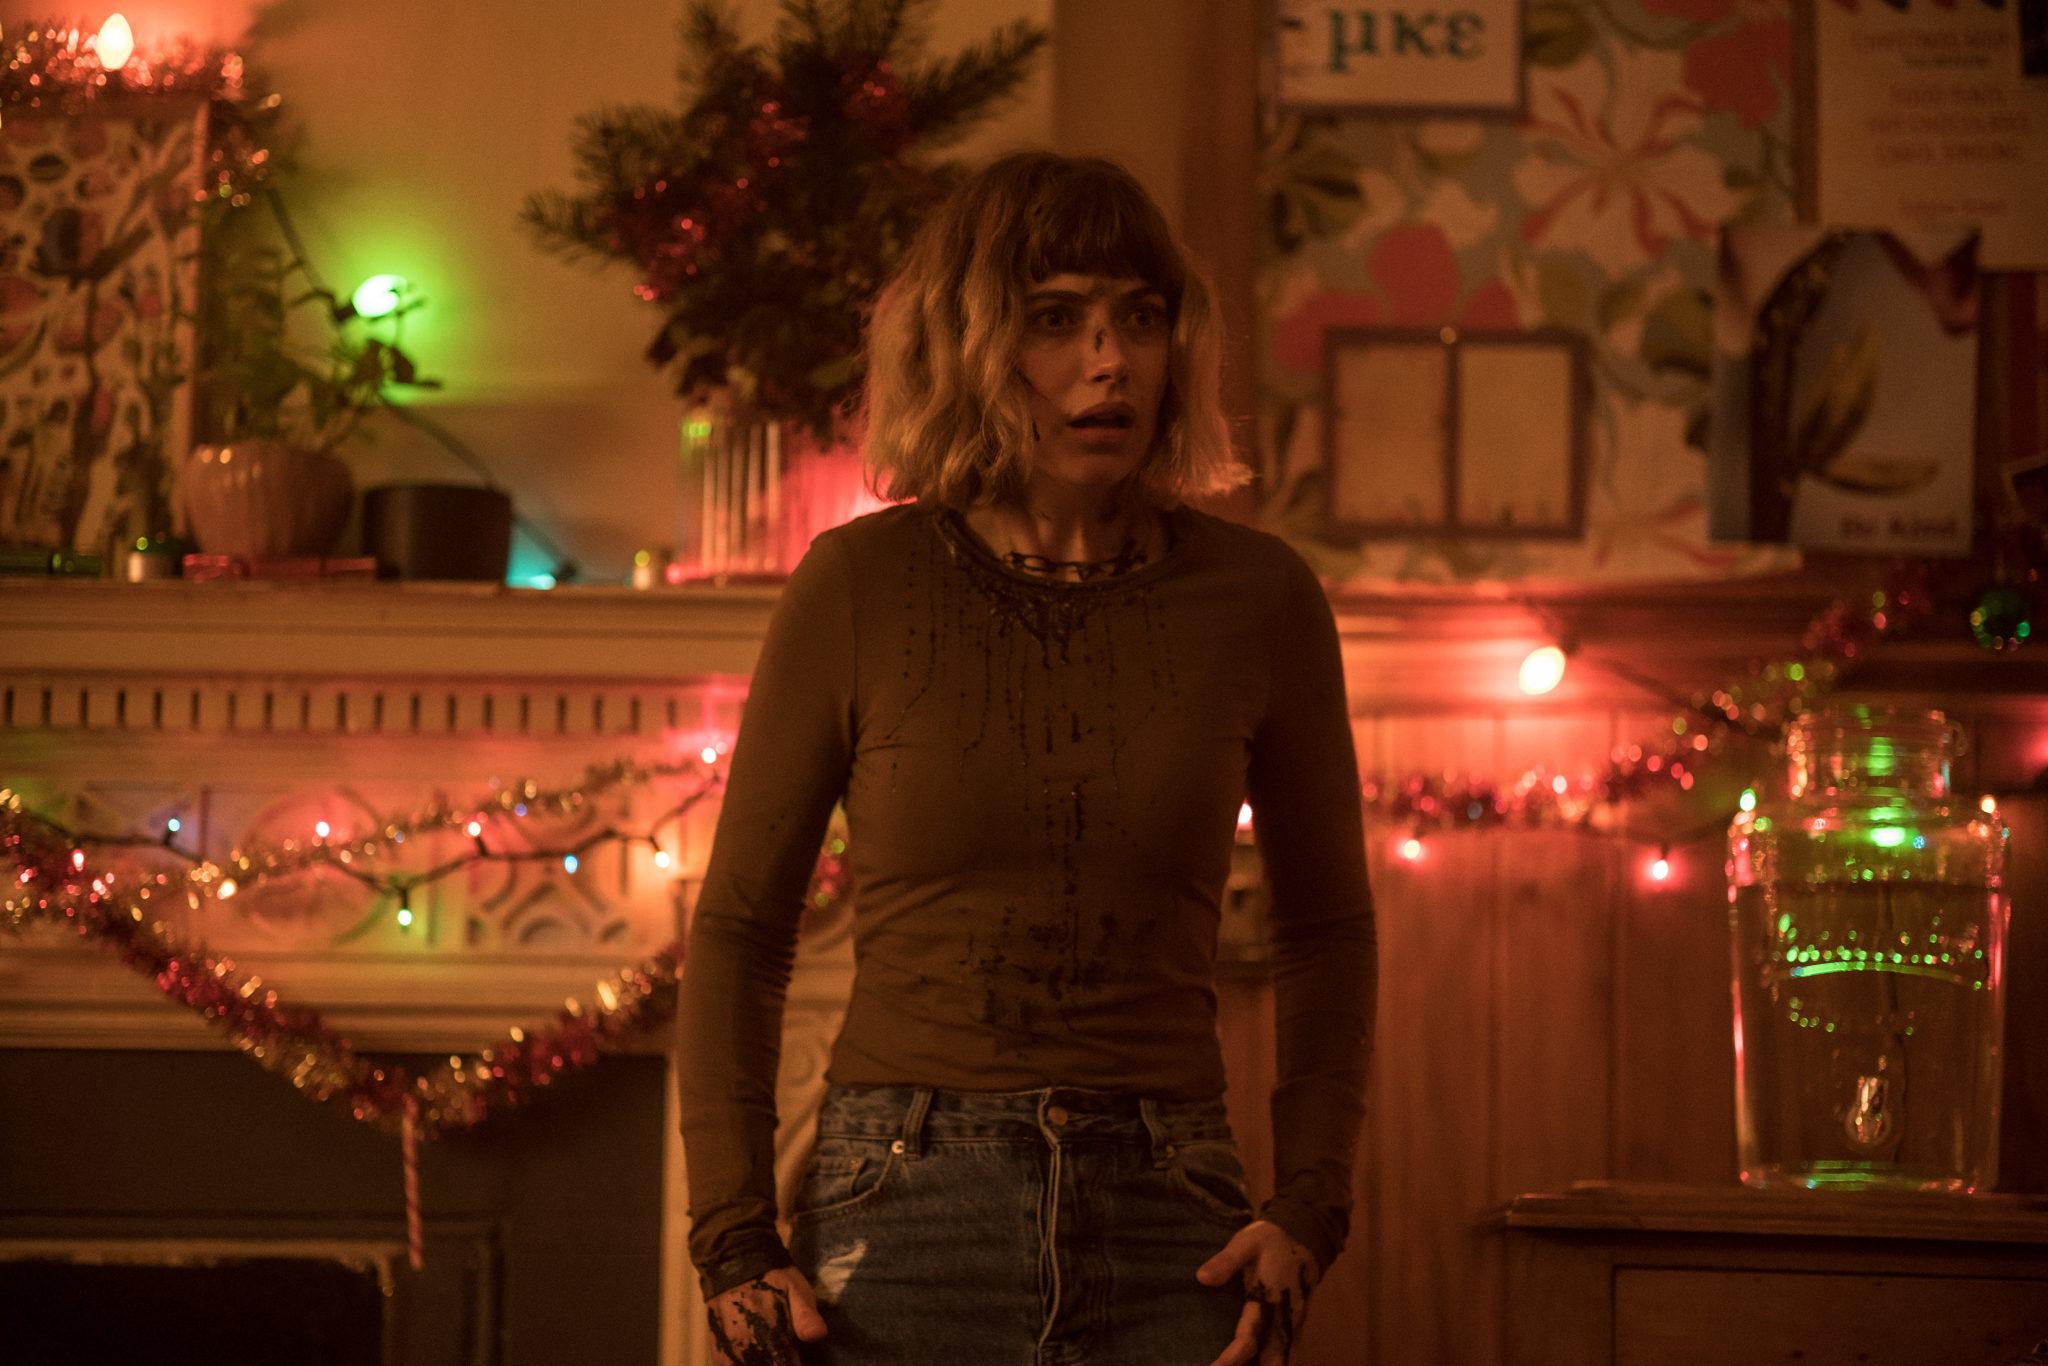 Vor einem weihnachtlich geschmückten Hintergrund steht Riley. Sie beobachtet etwas schockiert und ist dabei mit Blutflecken übersät in Black Christmas 2019